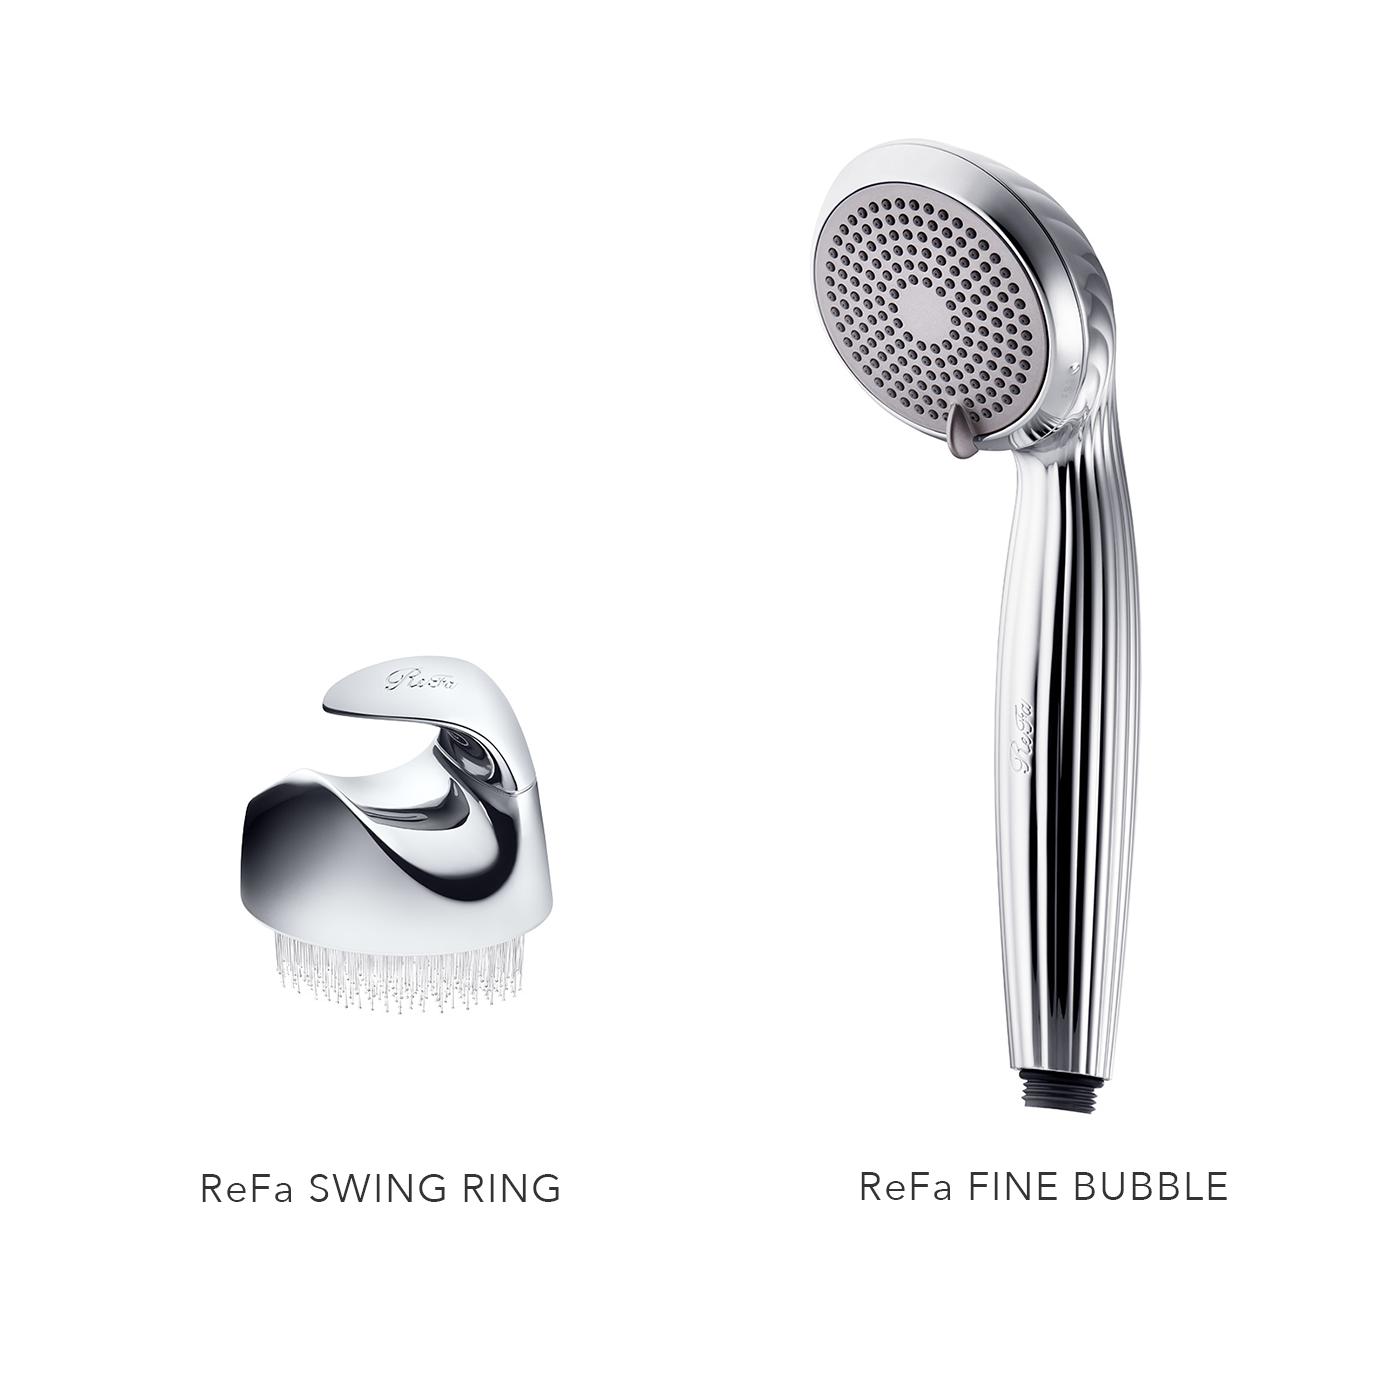 ReFaから初のシャワーヘッド&ブラシが誕生!肌を美しくする泡「ファインバブル」でやさしく汚れを落とし、輝く肌へ。